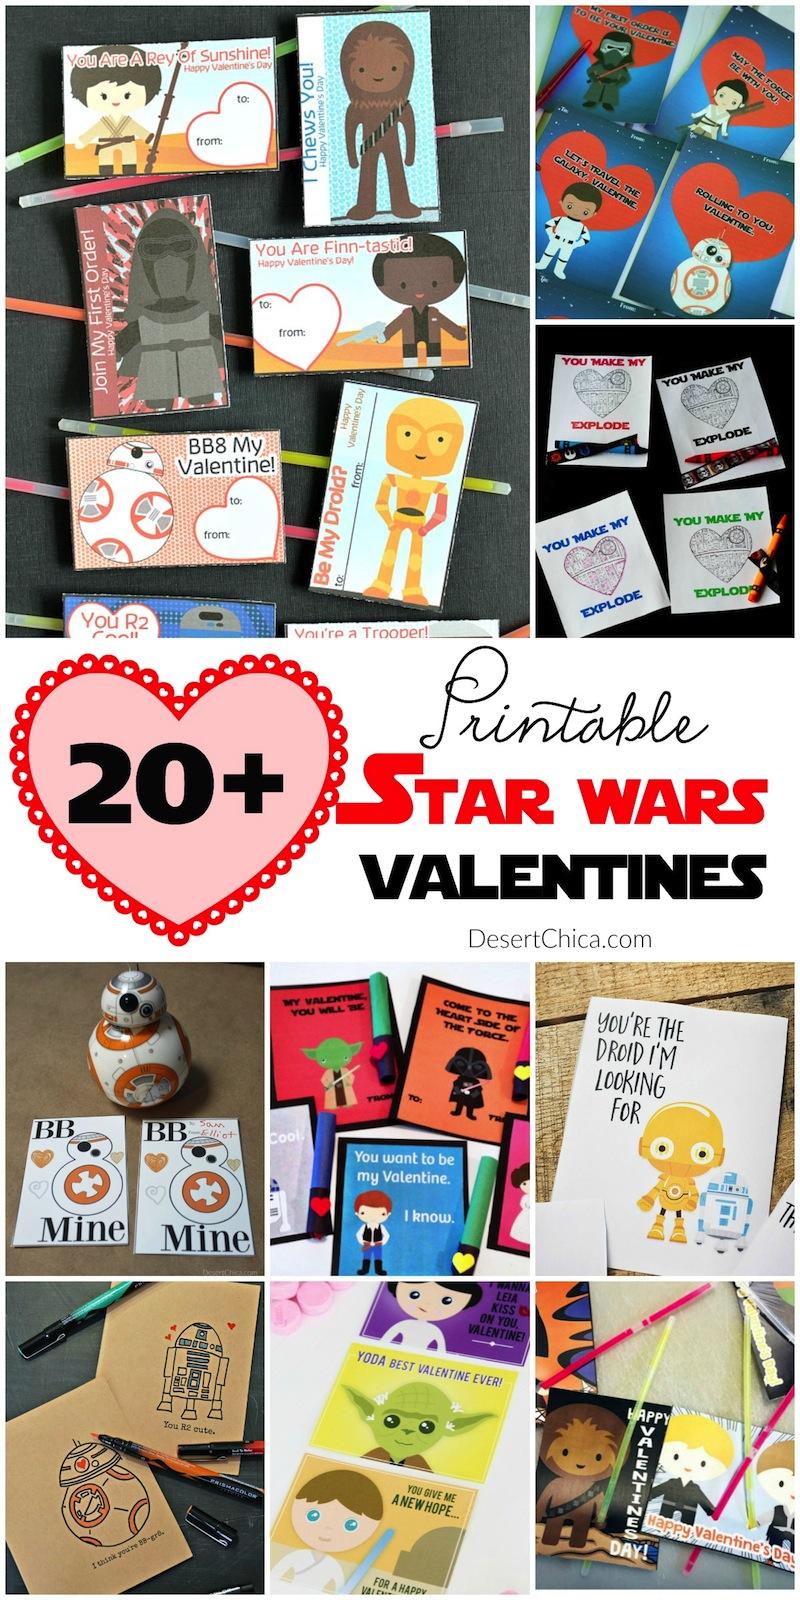 Printable Star Wars Valentines Round Up